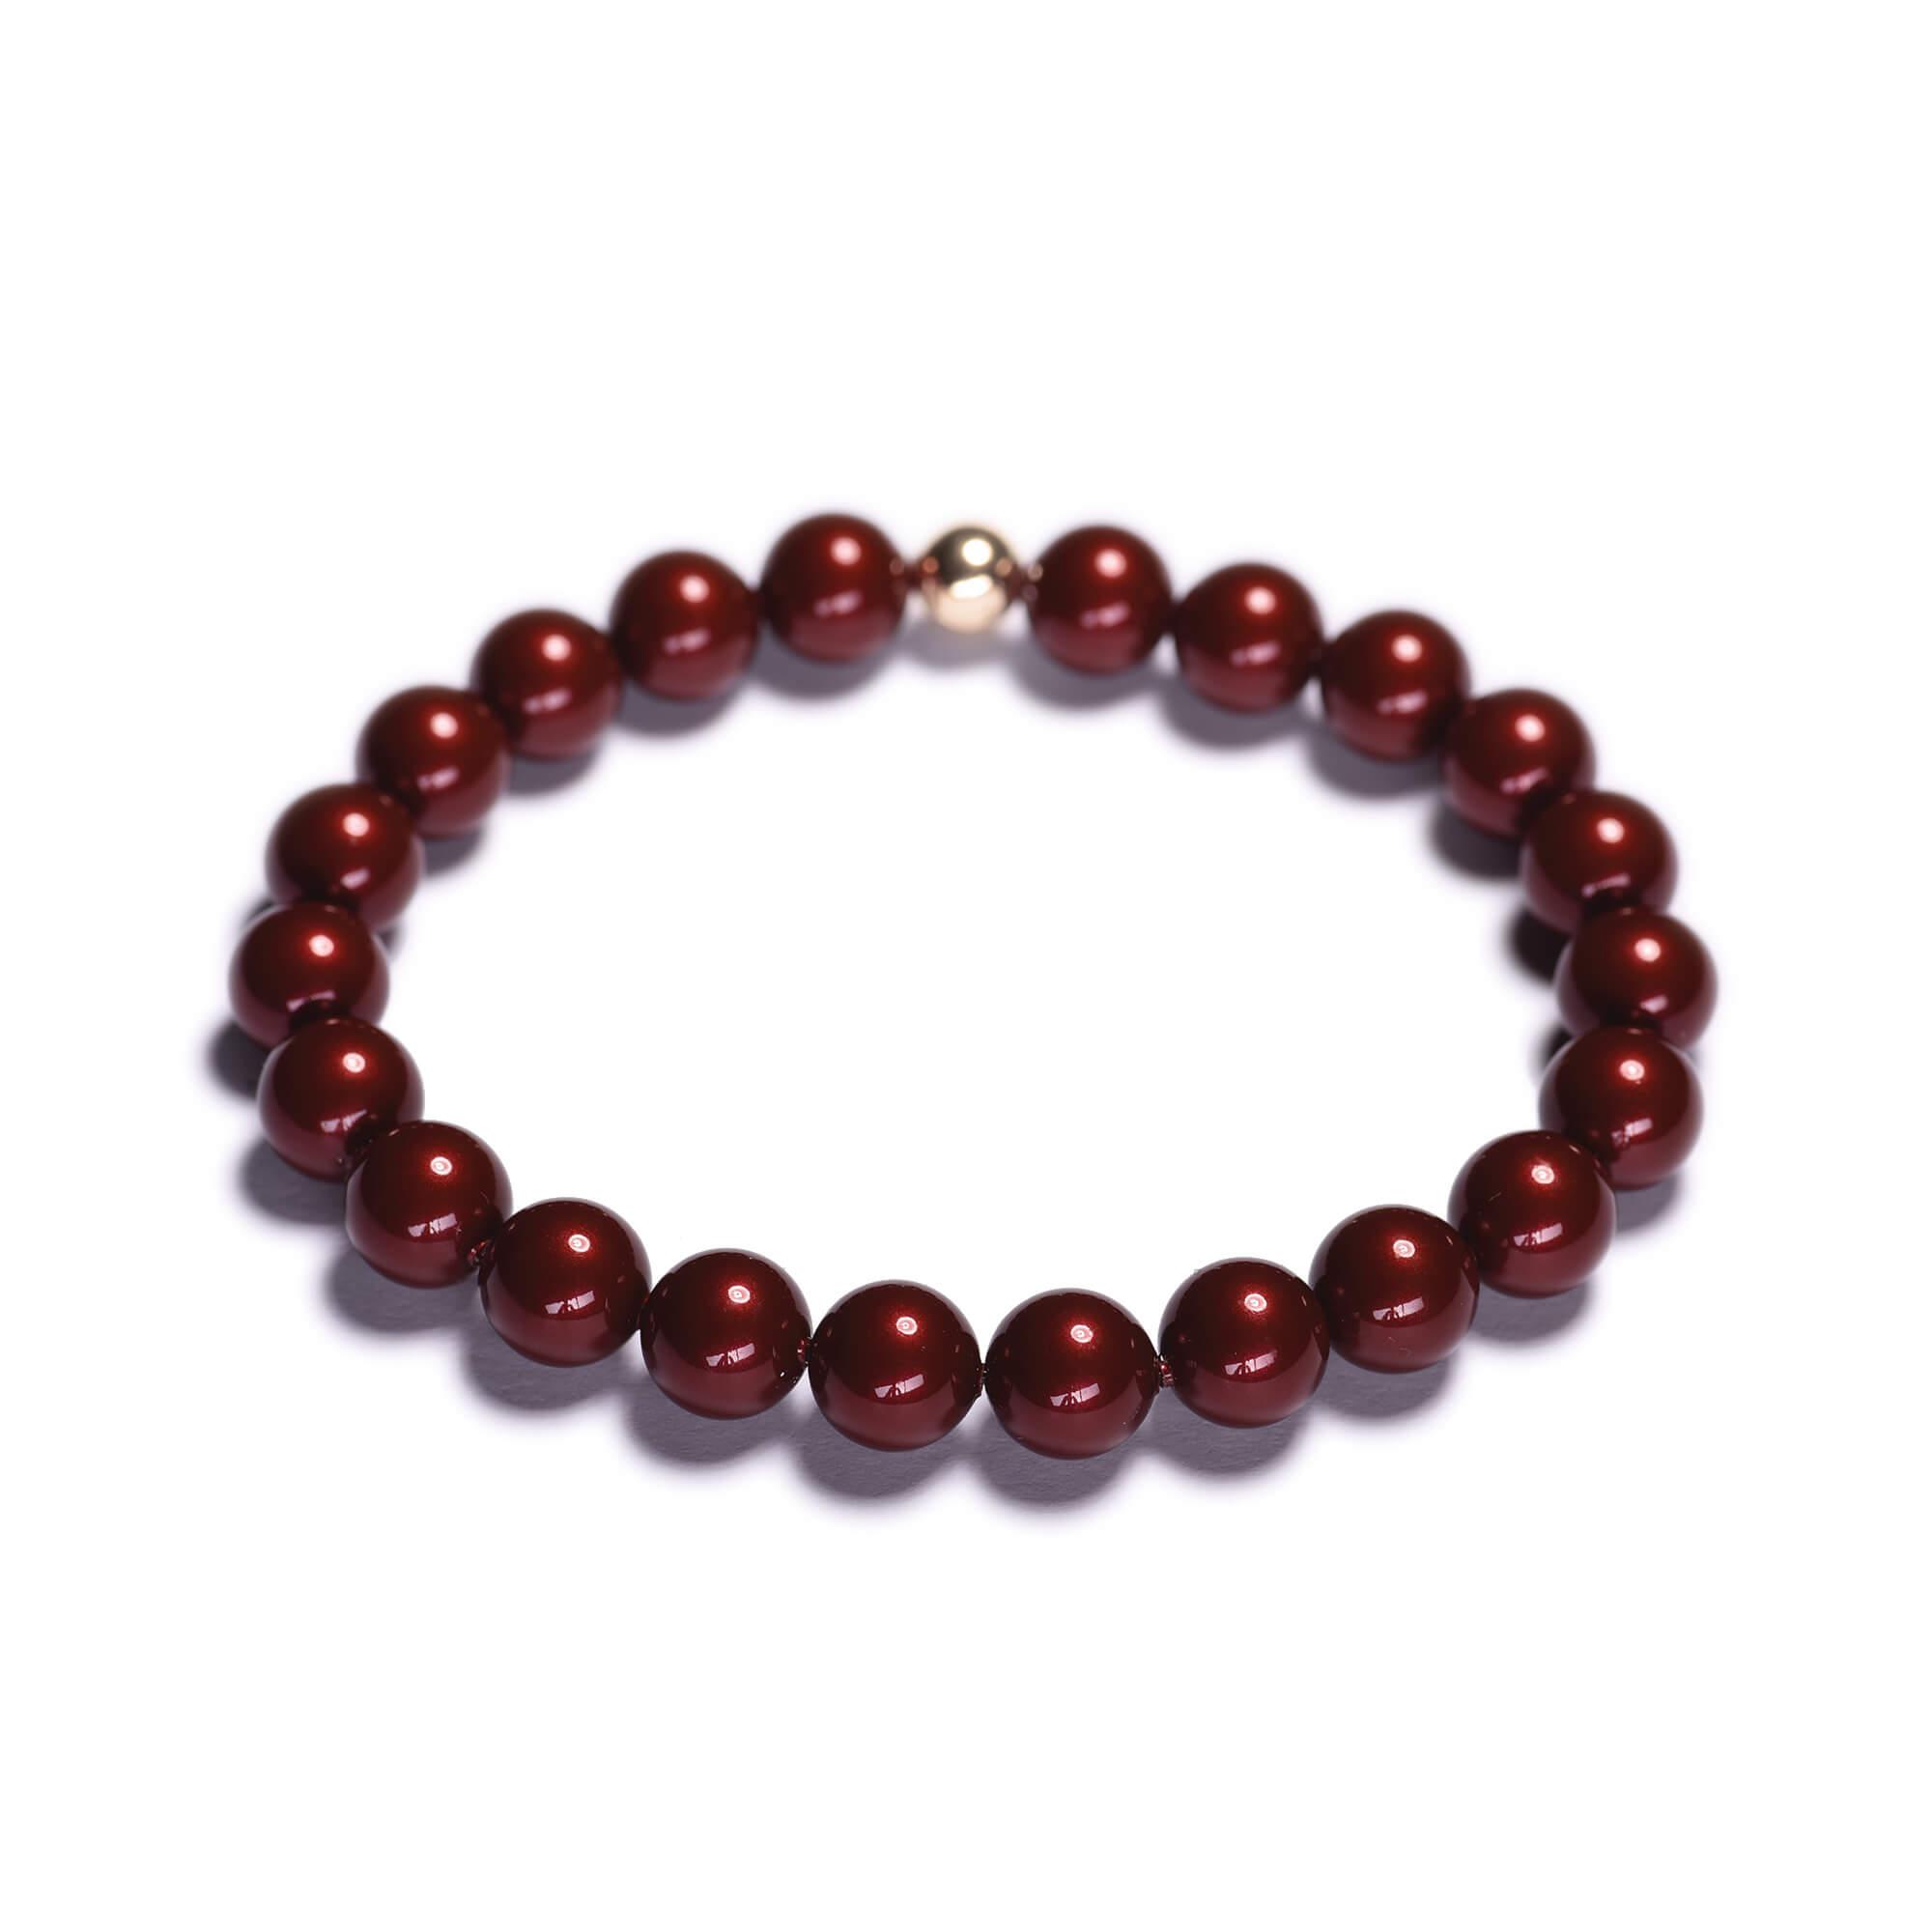 Dámský perlový náramek - bordó perly z krystalu Swarovski  b737df285c7